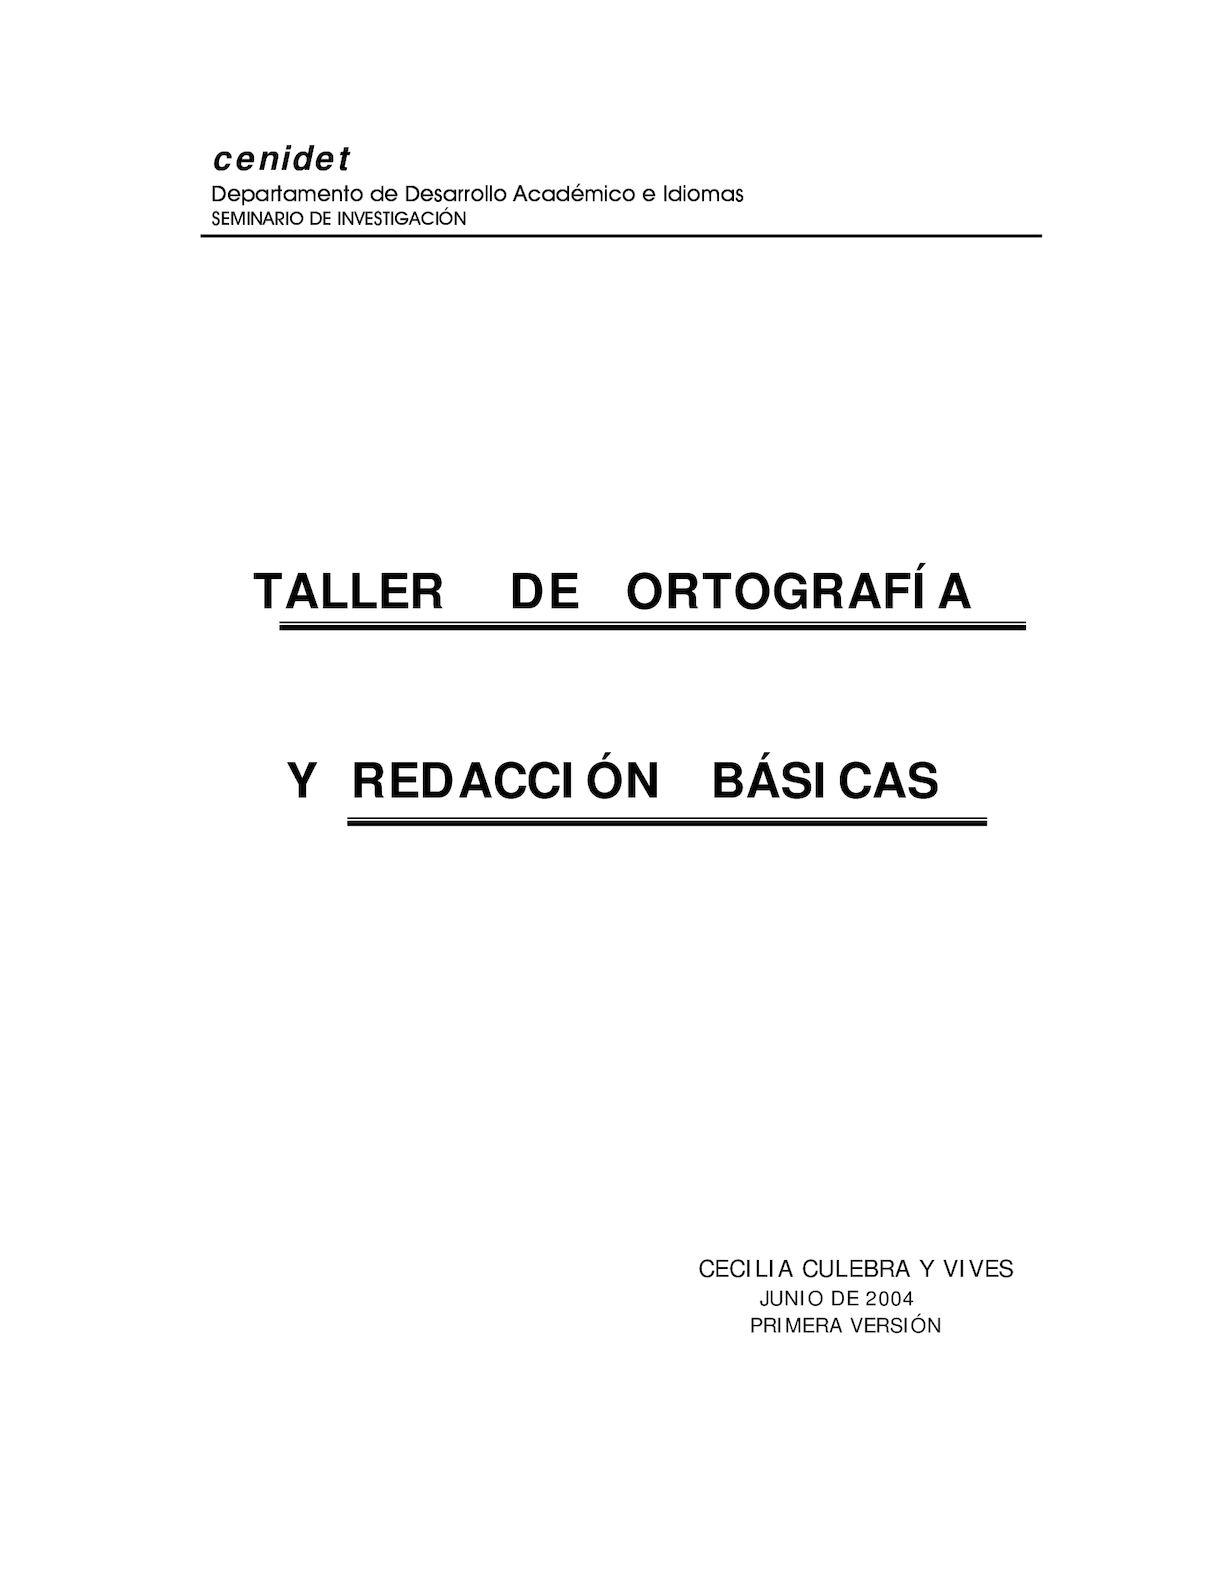 prostitutas en cataluña sinonimo de empujar